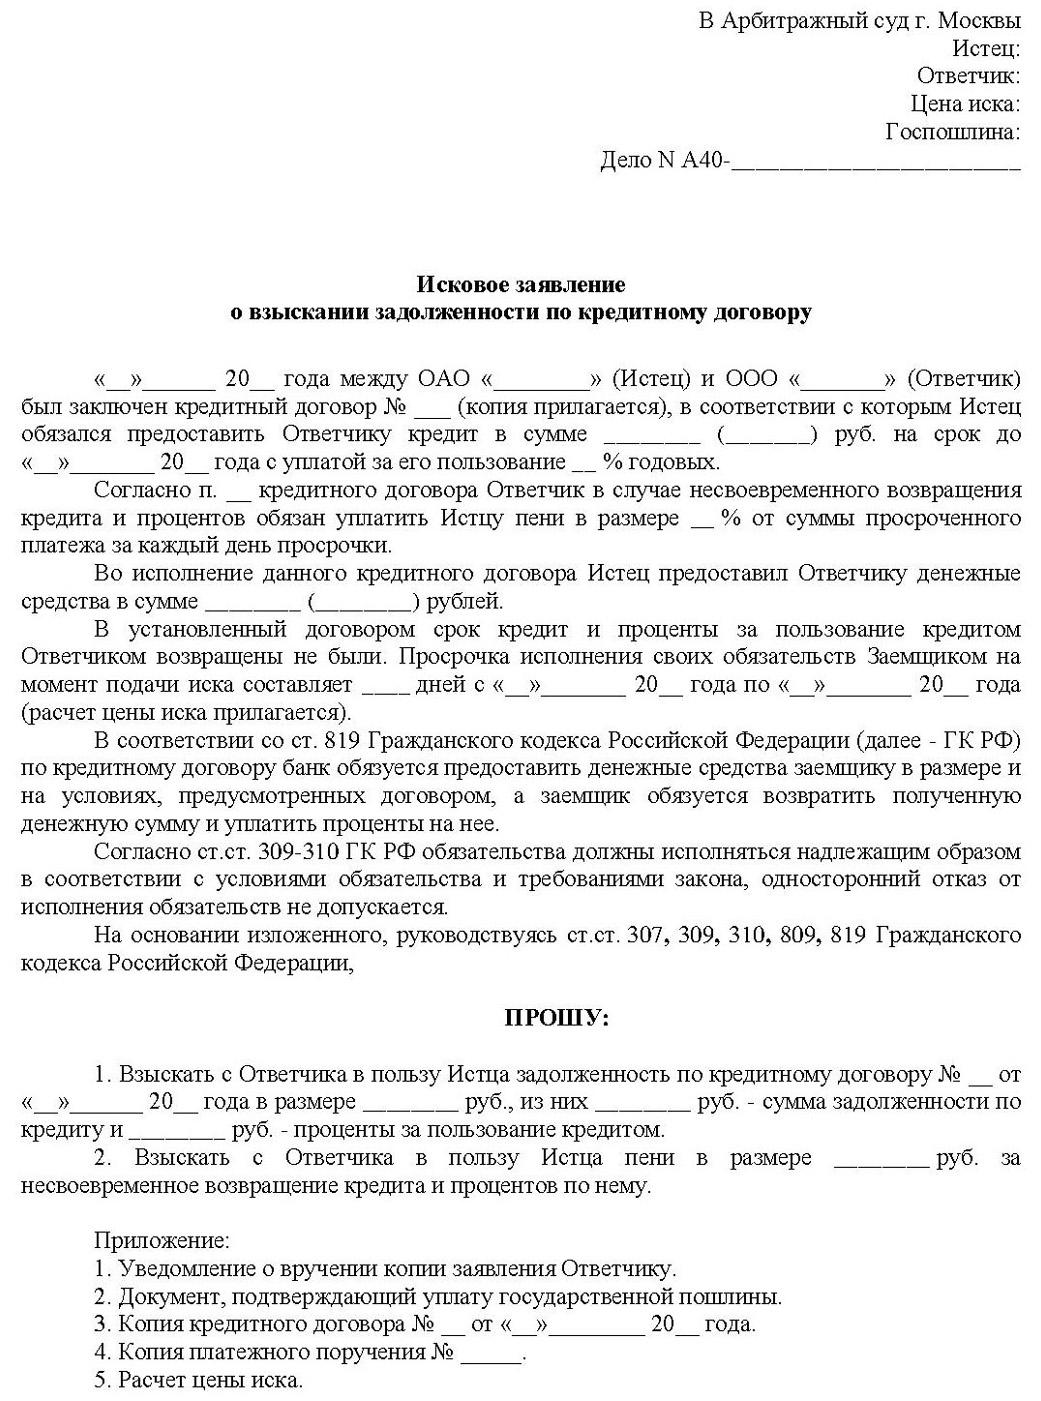 Мфц северо восточного округа москвы